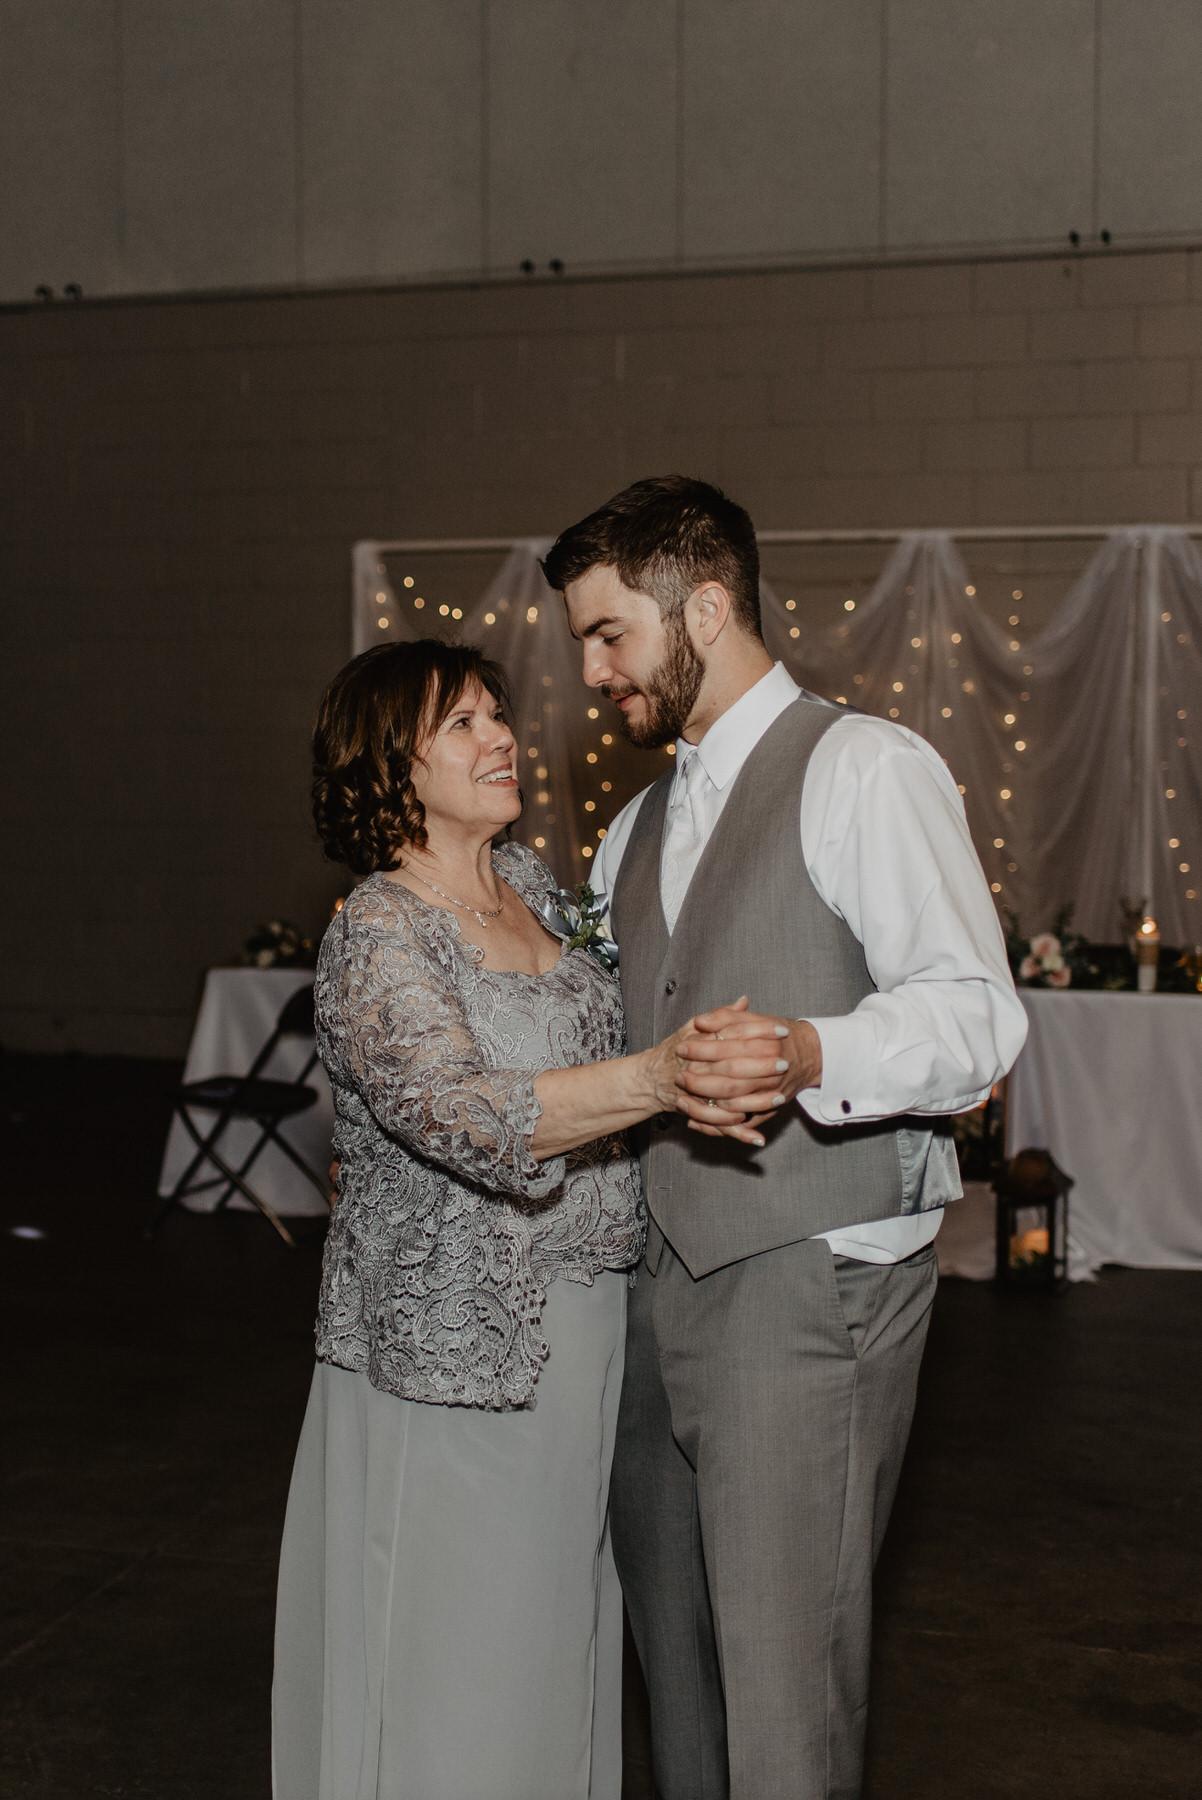 Kaylie-Sirek-Photography-Kearney-Nebraska-Wedding-128.jpg